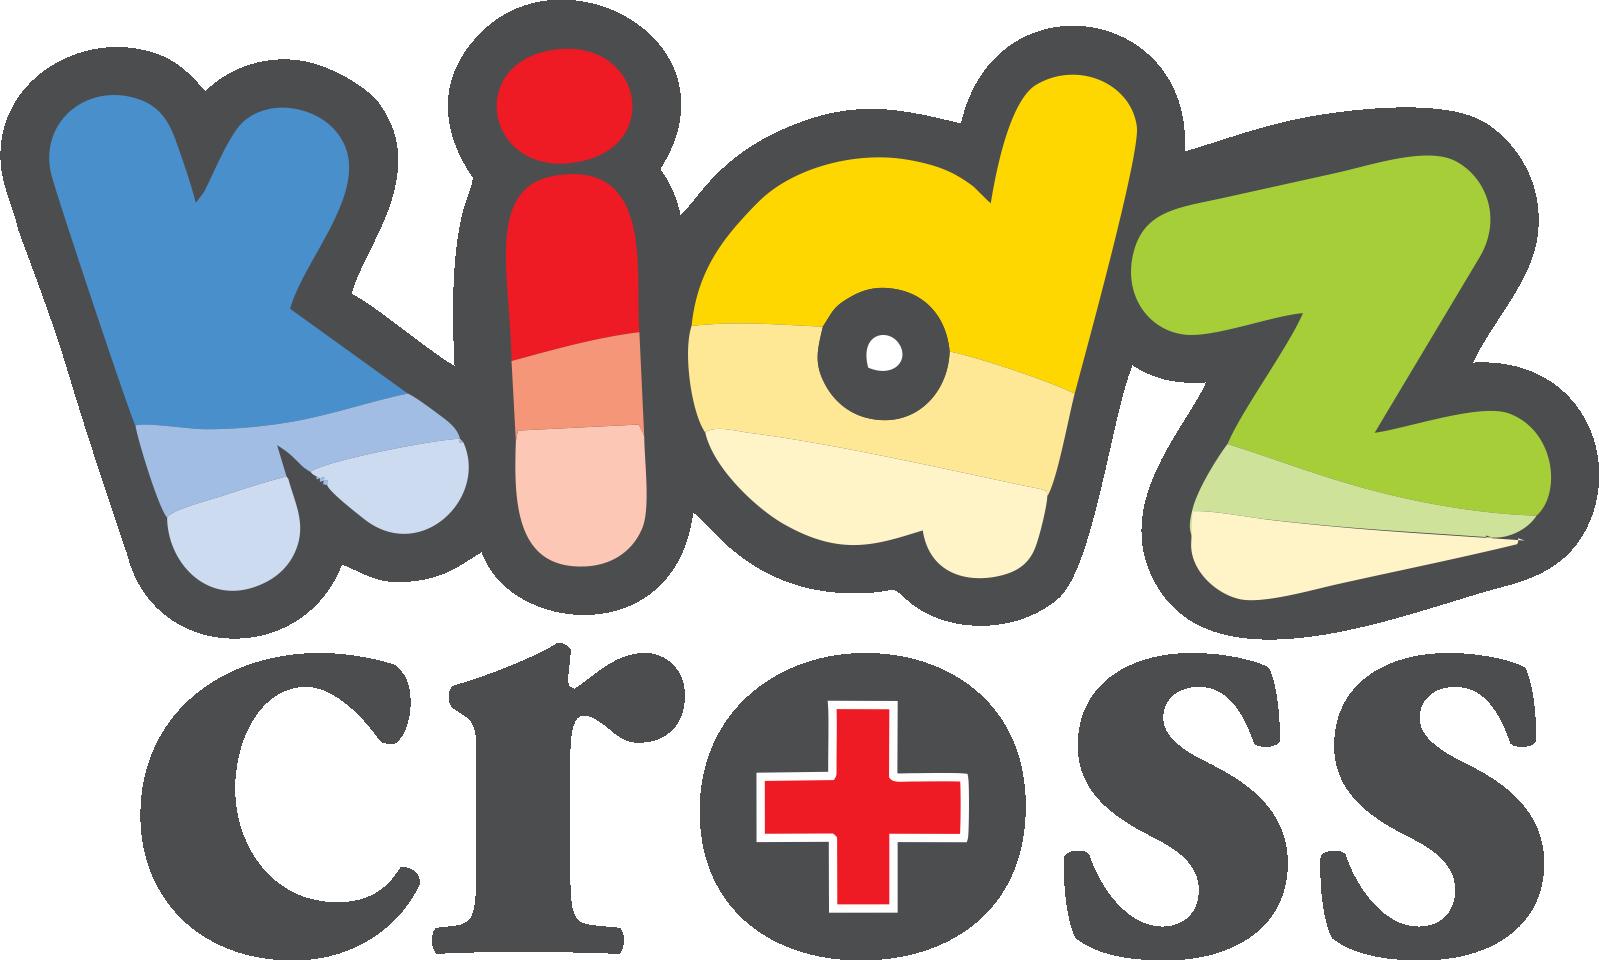 Kidz Cross Practice